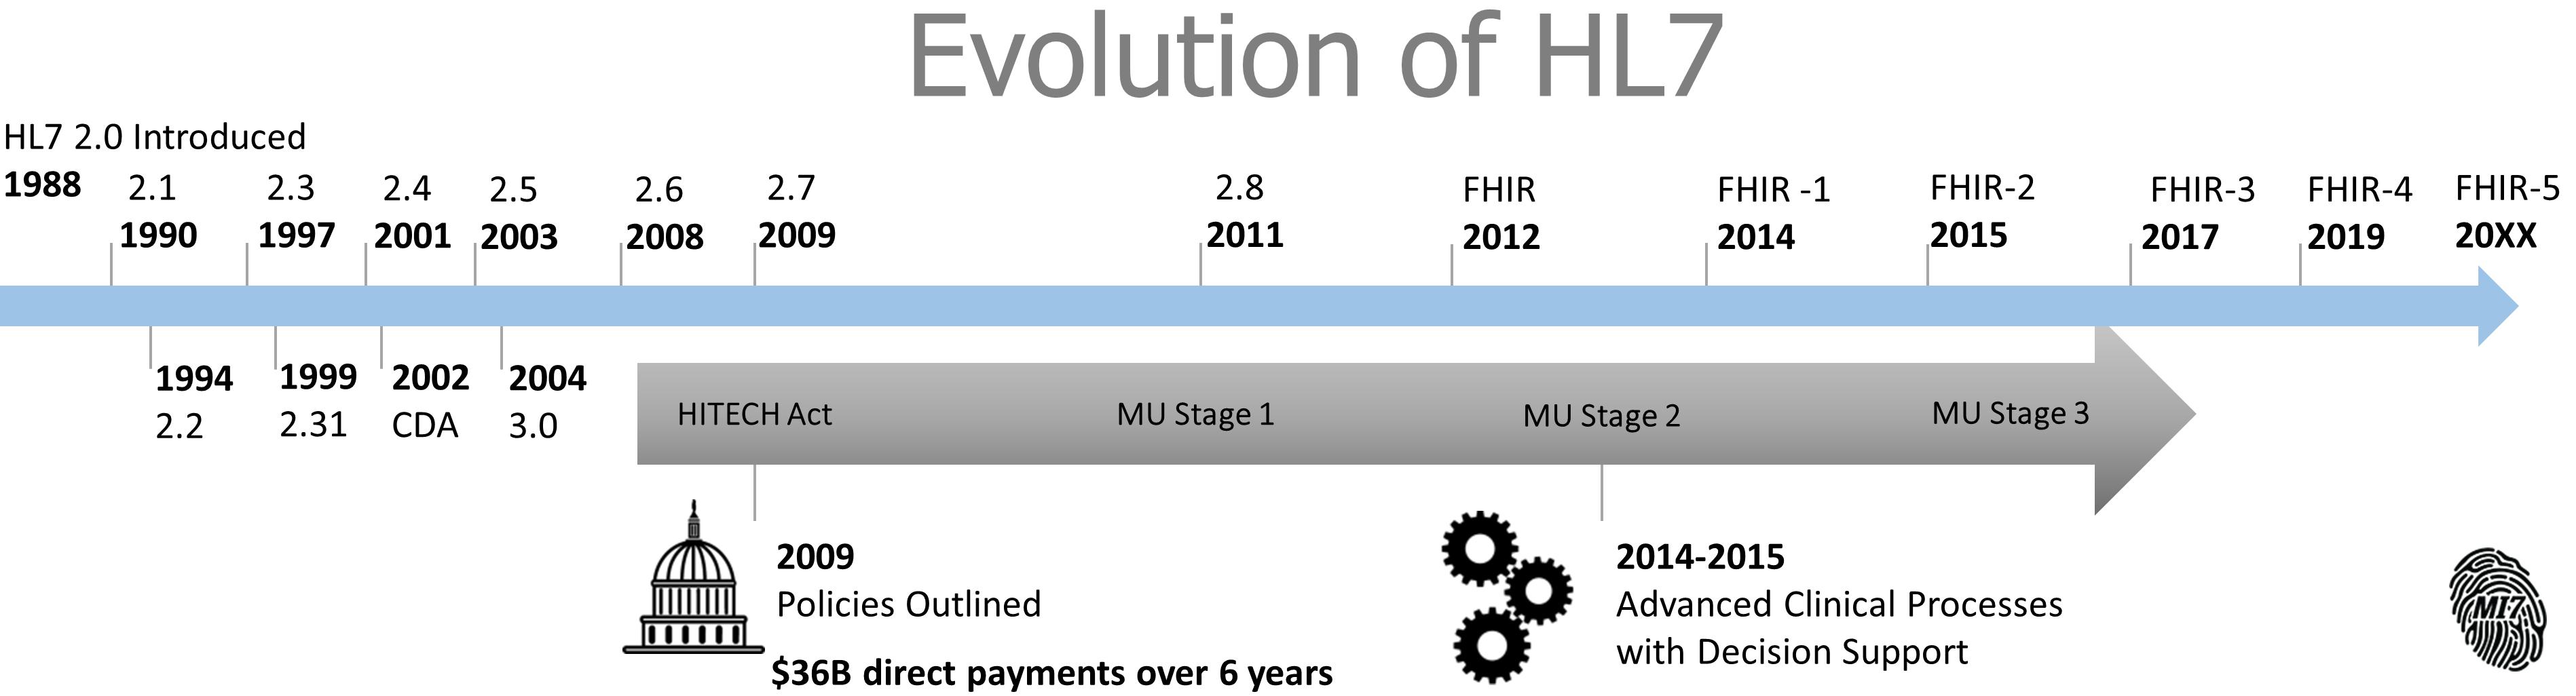 HL7 evolution-3